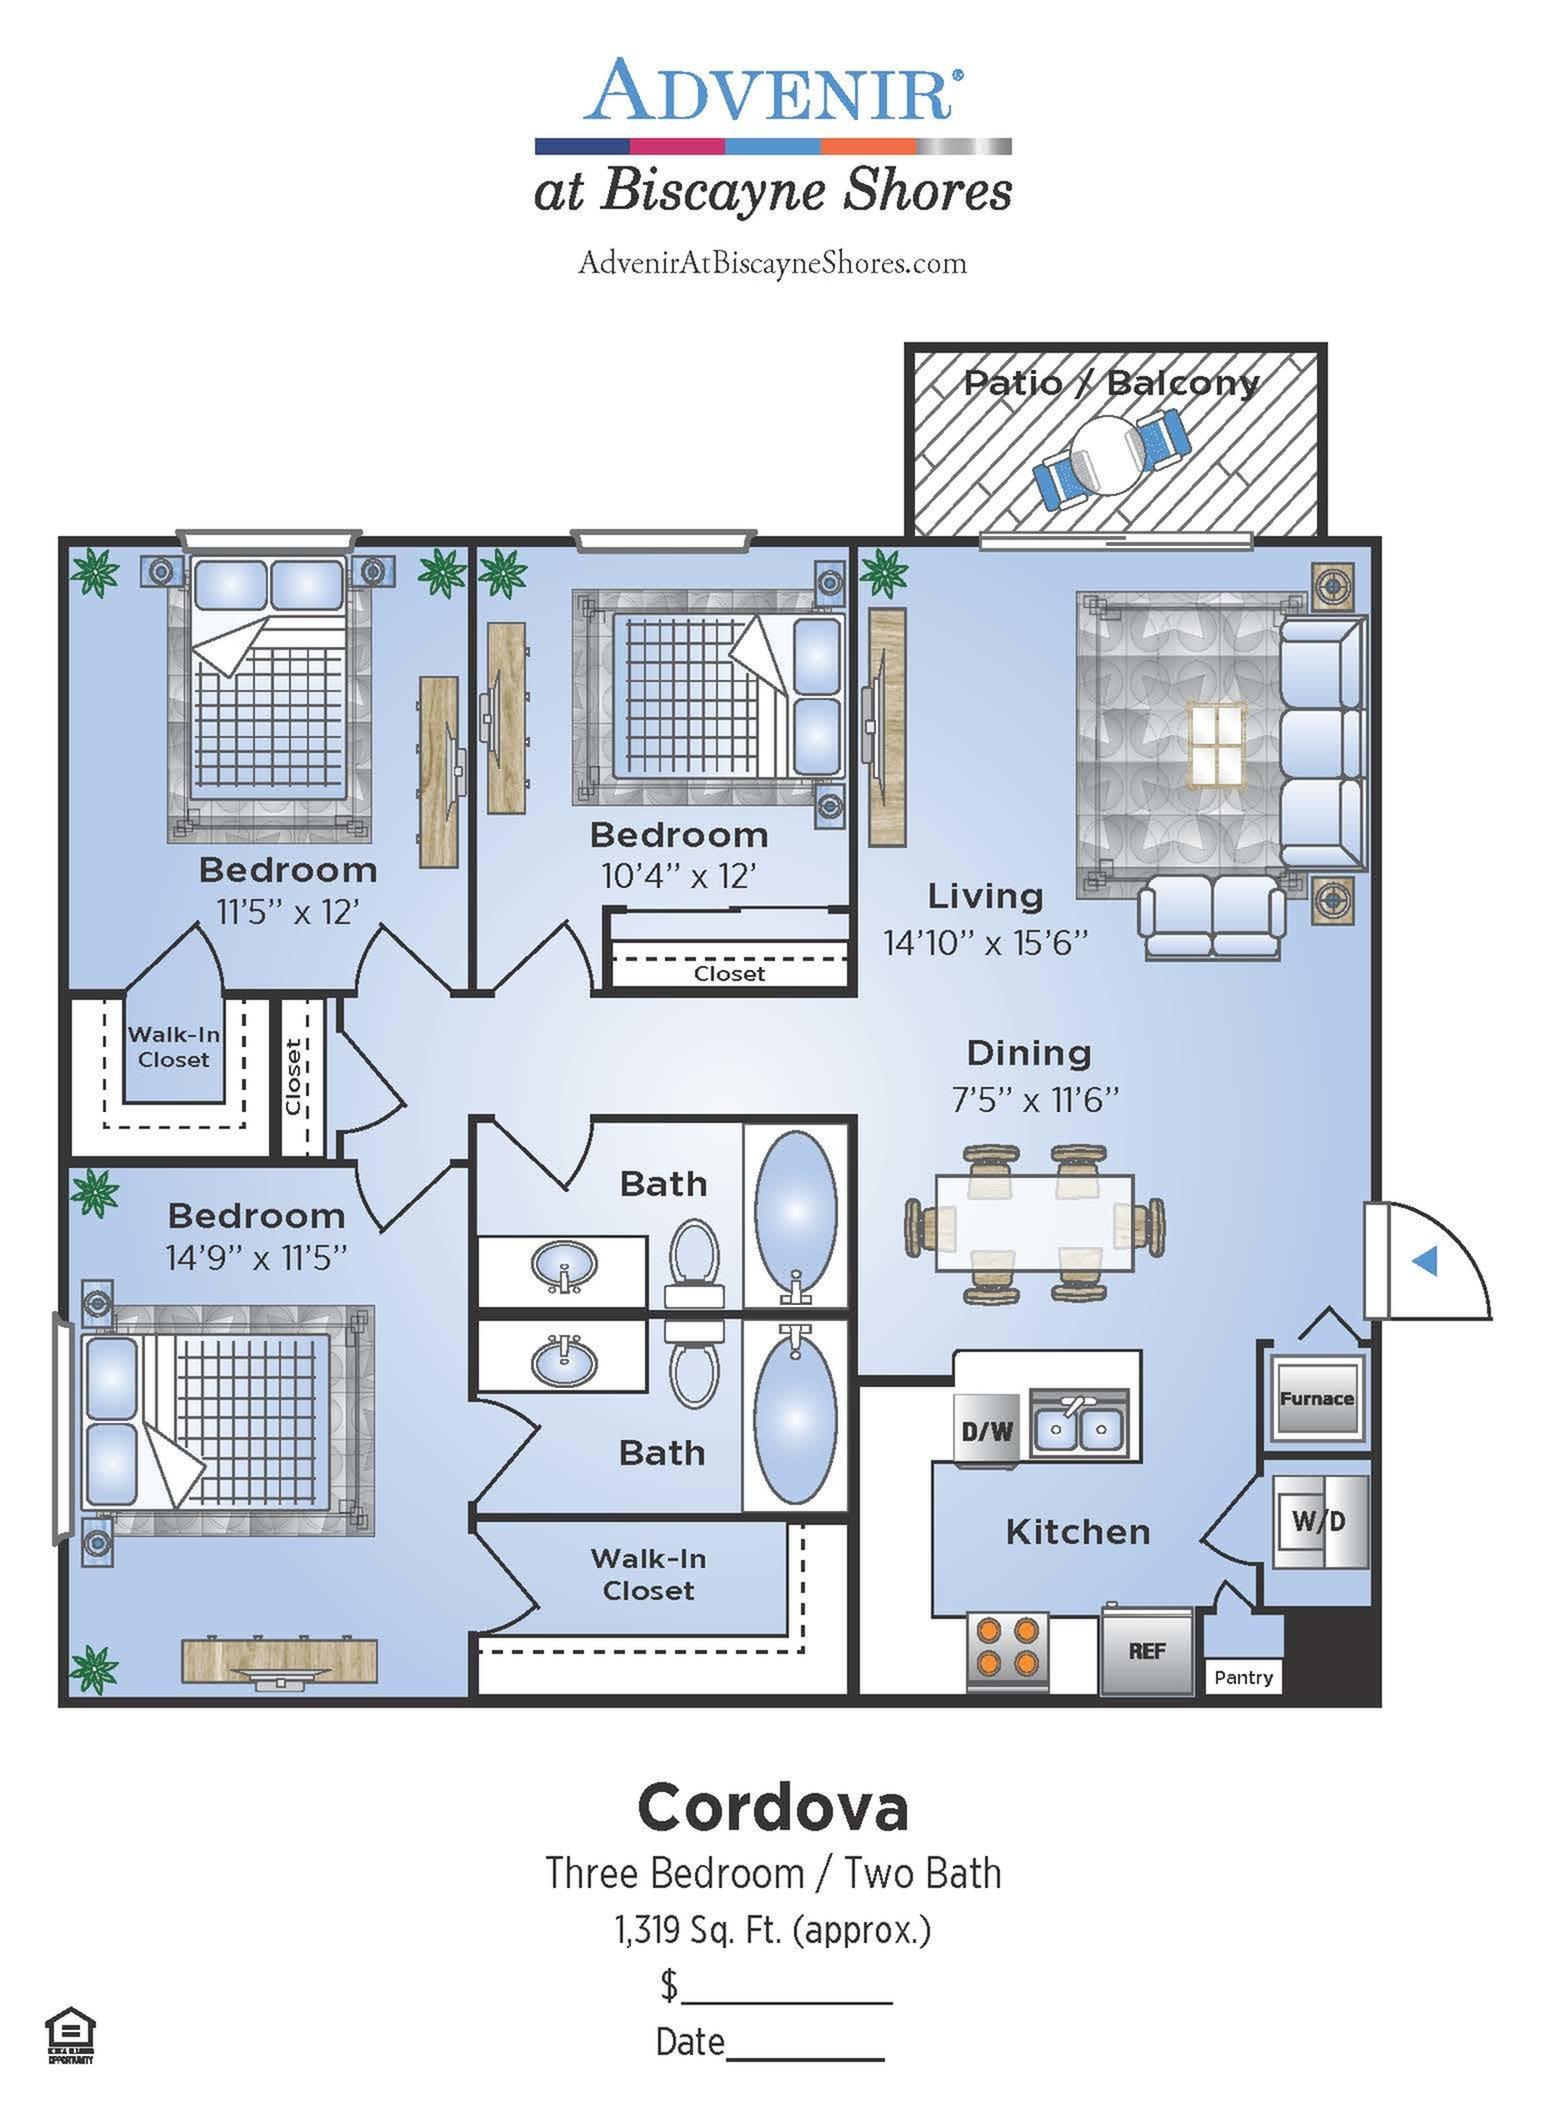 3 Bedroom Floor Plan | Biscayne Bay Miami Apartments | Advenir at Biscayne Shores